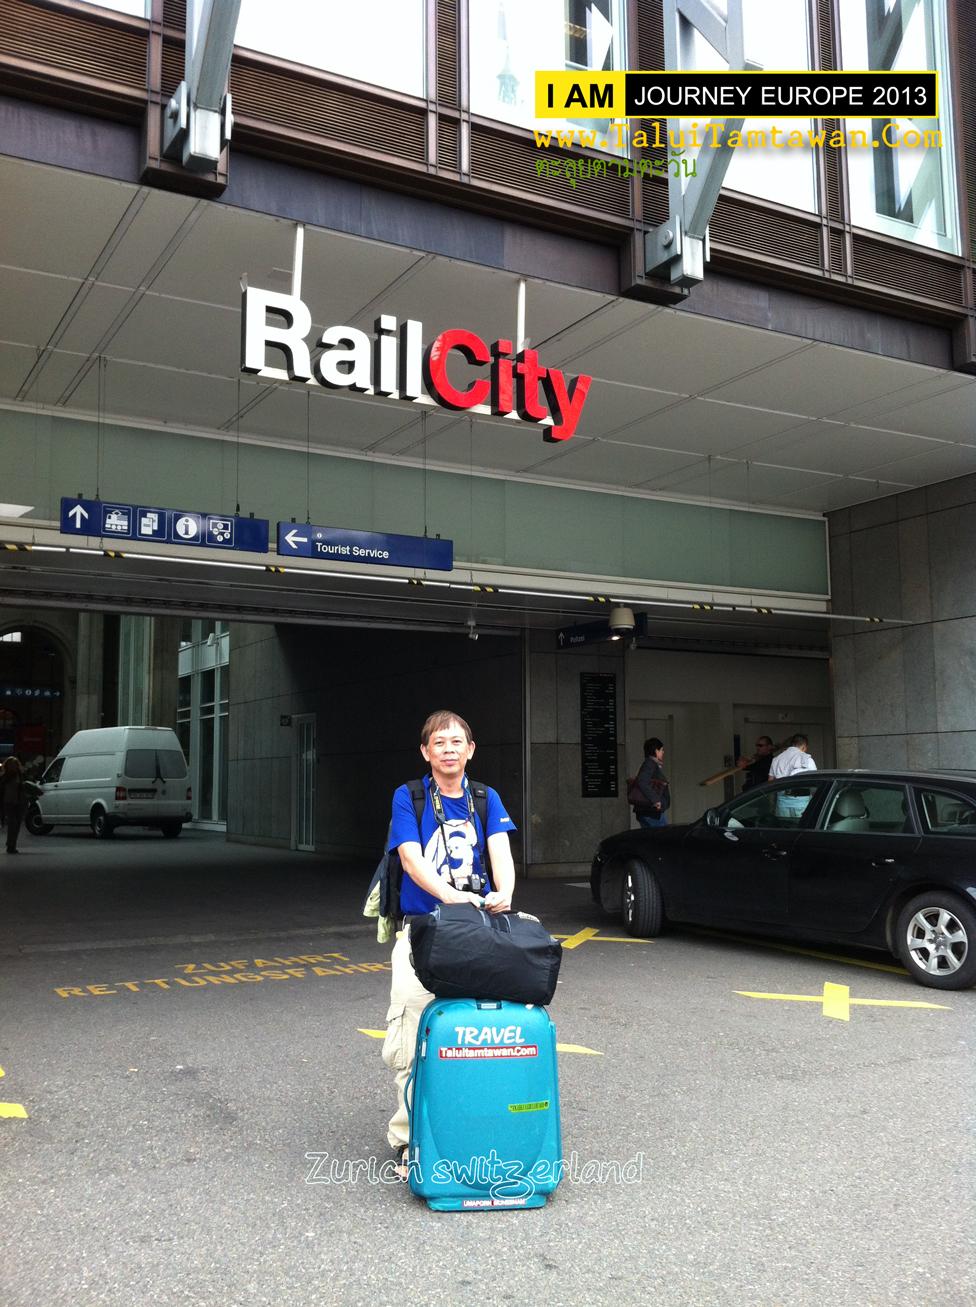 มาถึง Zurich หิวครับ หาของกิน ที่สถานีเลยครับ แล้วเดินเข้าที่พัก